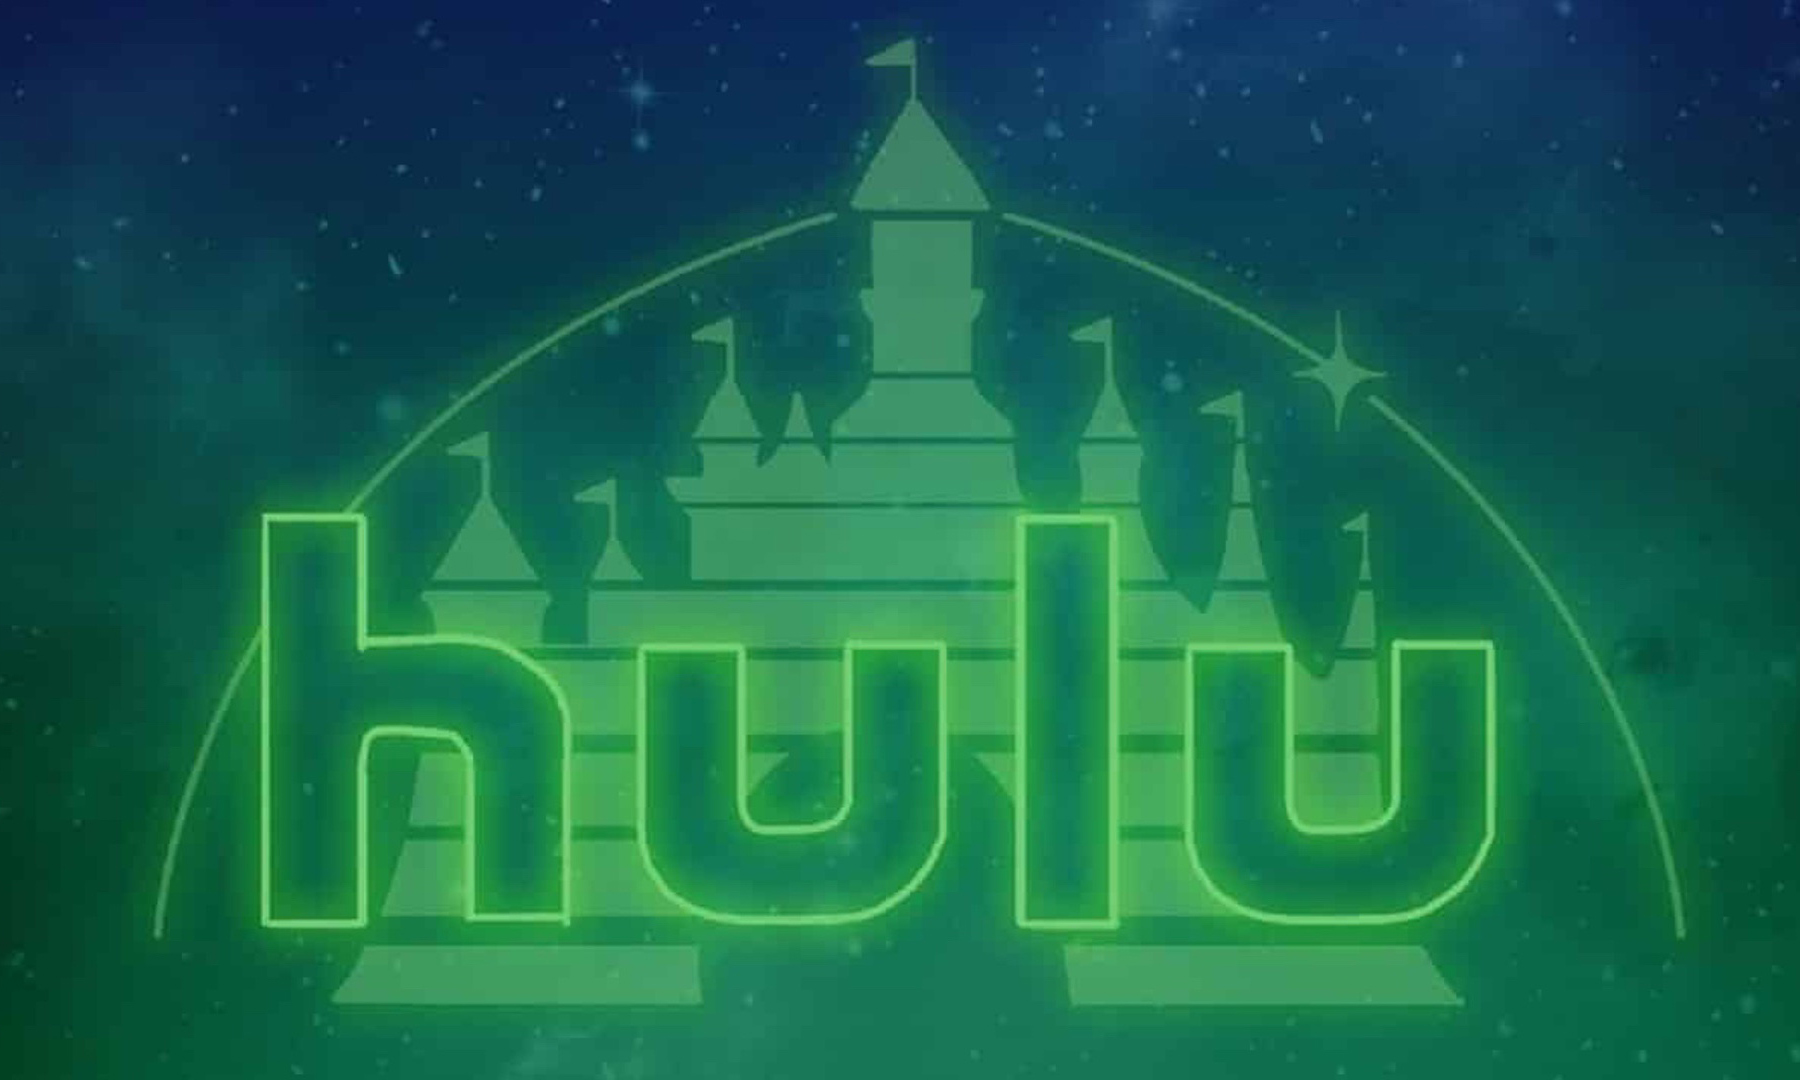 版图再扩张,迪士尼获得视频网站 Hulu 全面运营控制权